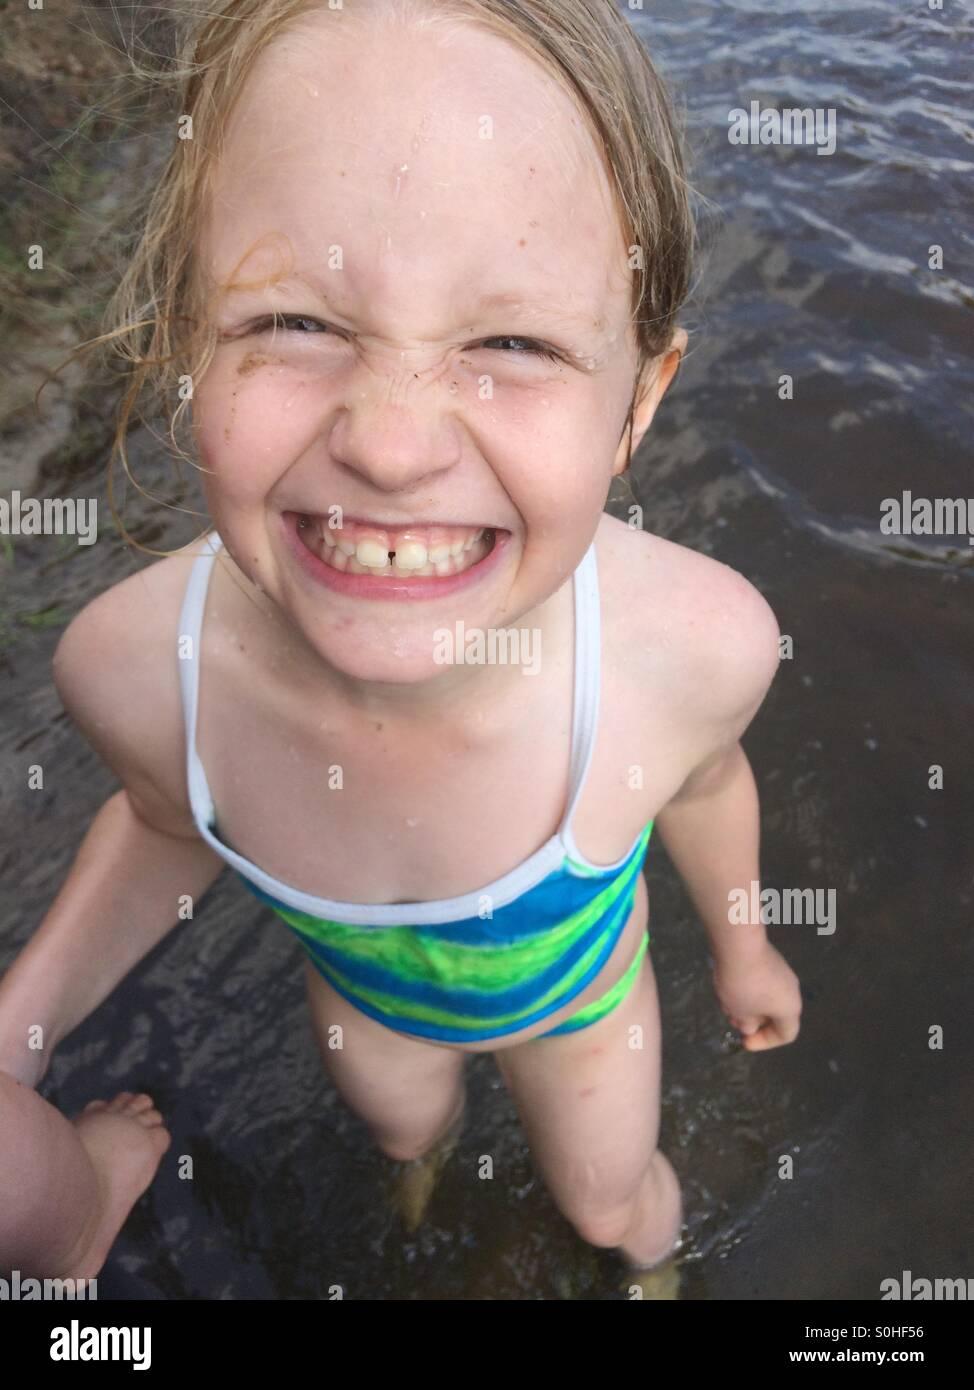 Jeune fille souriante et avoir du plaisir attrapant la jambe de son frère dans la rivière Photo Stock